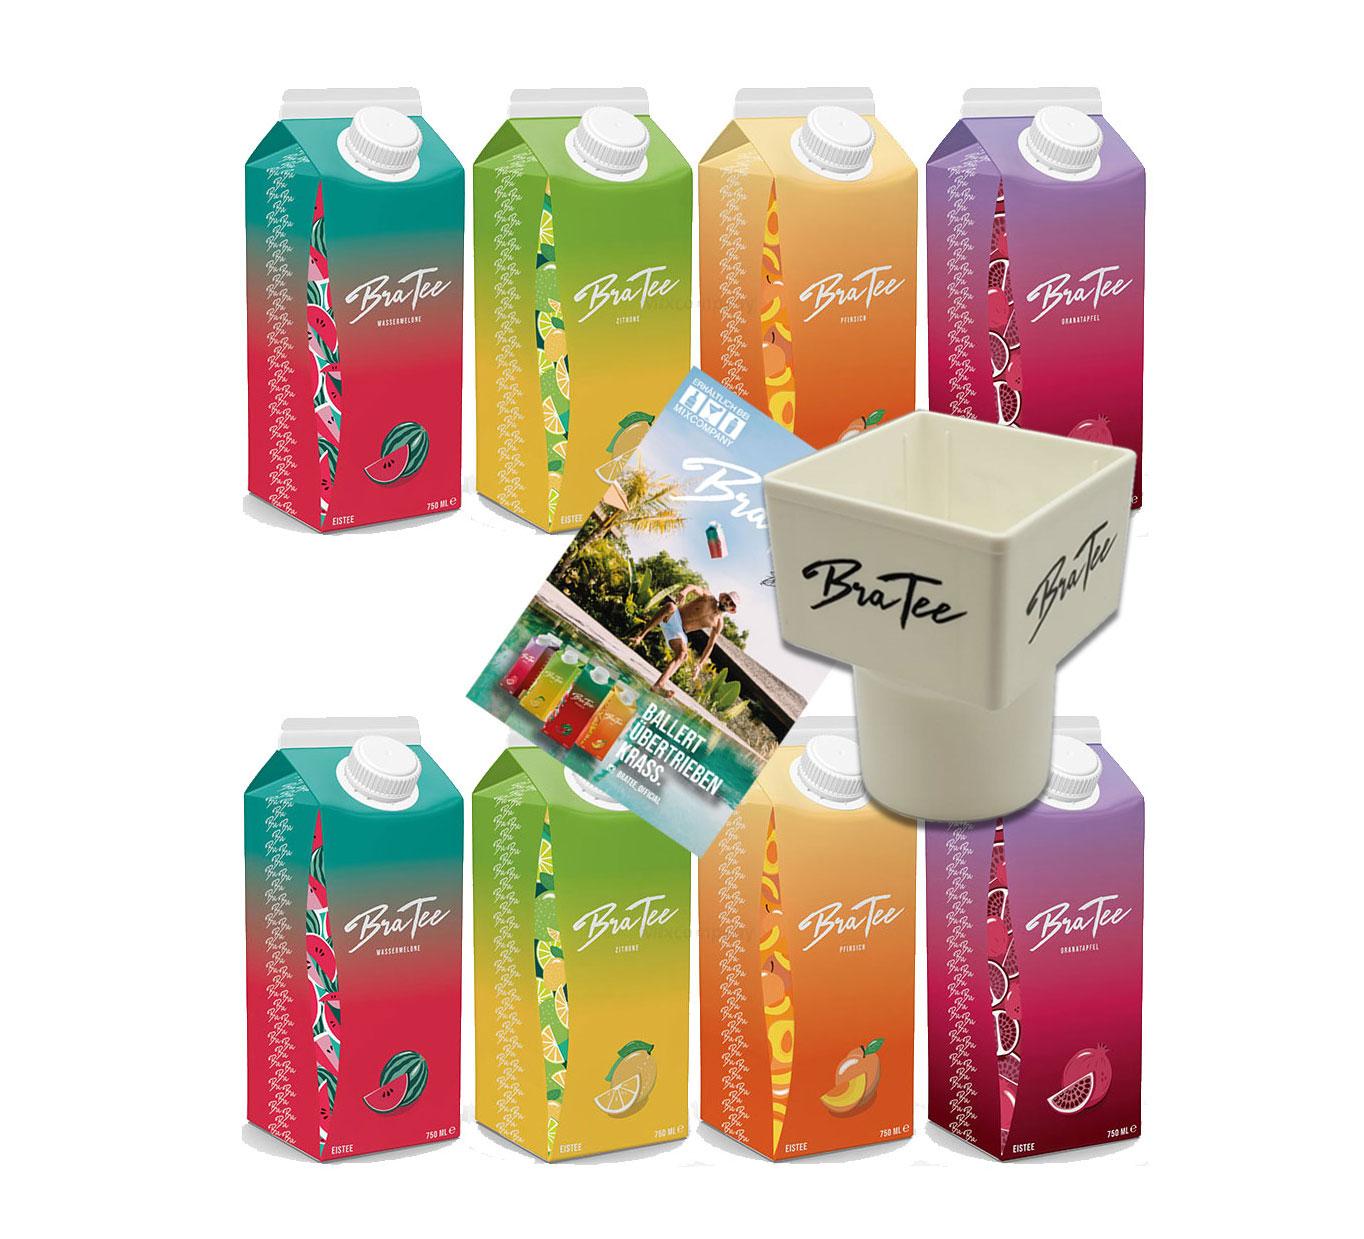 Capital BraTee 8er Tasting Set Eistee je 750ml + Gratis Getränkehalter + Autogrammkarte BRATEE Ice tea 2x Wassermelone 2x Zitrone 2x Pfirsich 2x Granatapfel - mit Capi-Qualitäts-Siegel